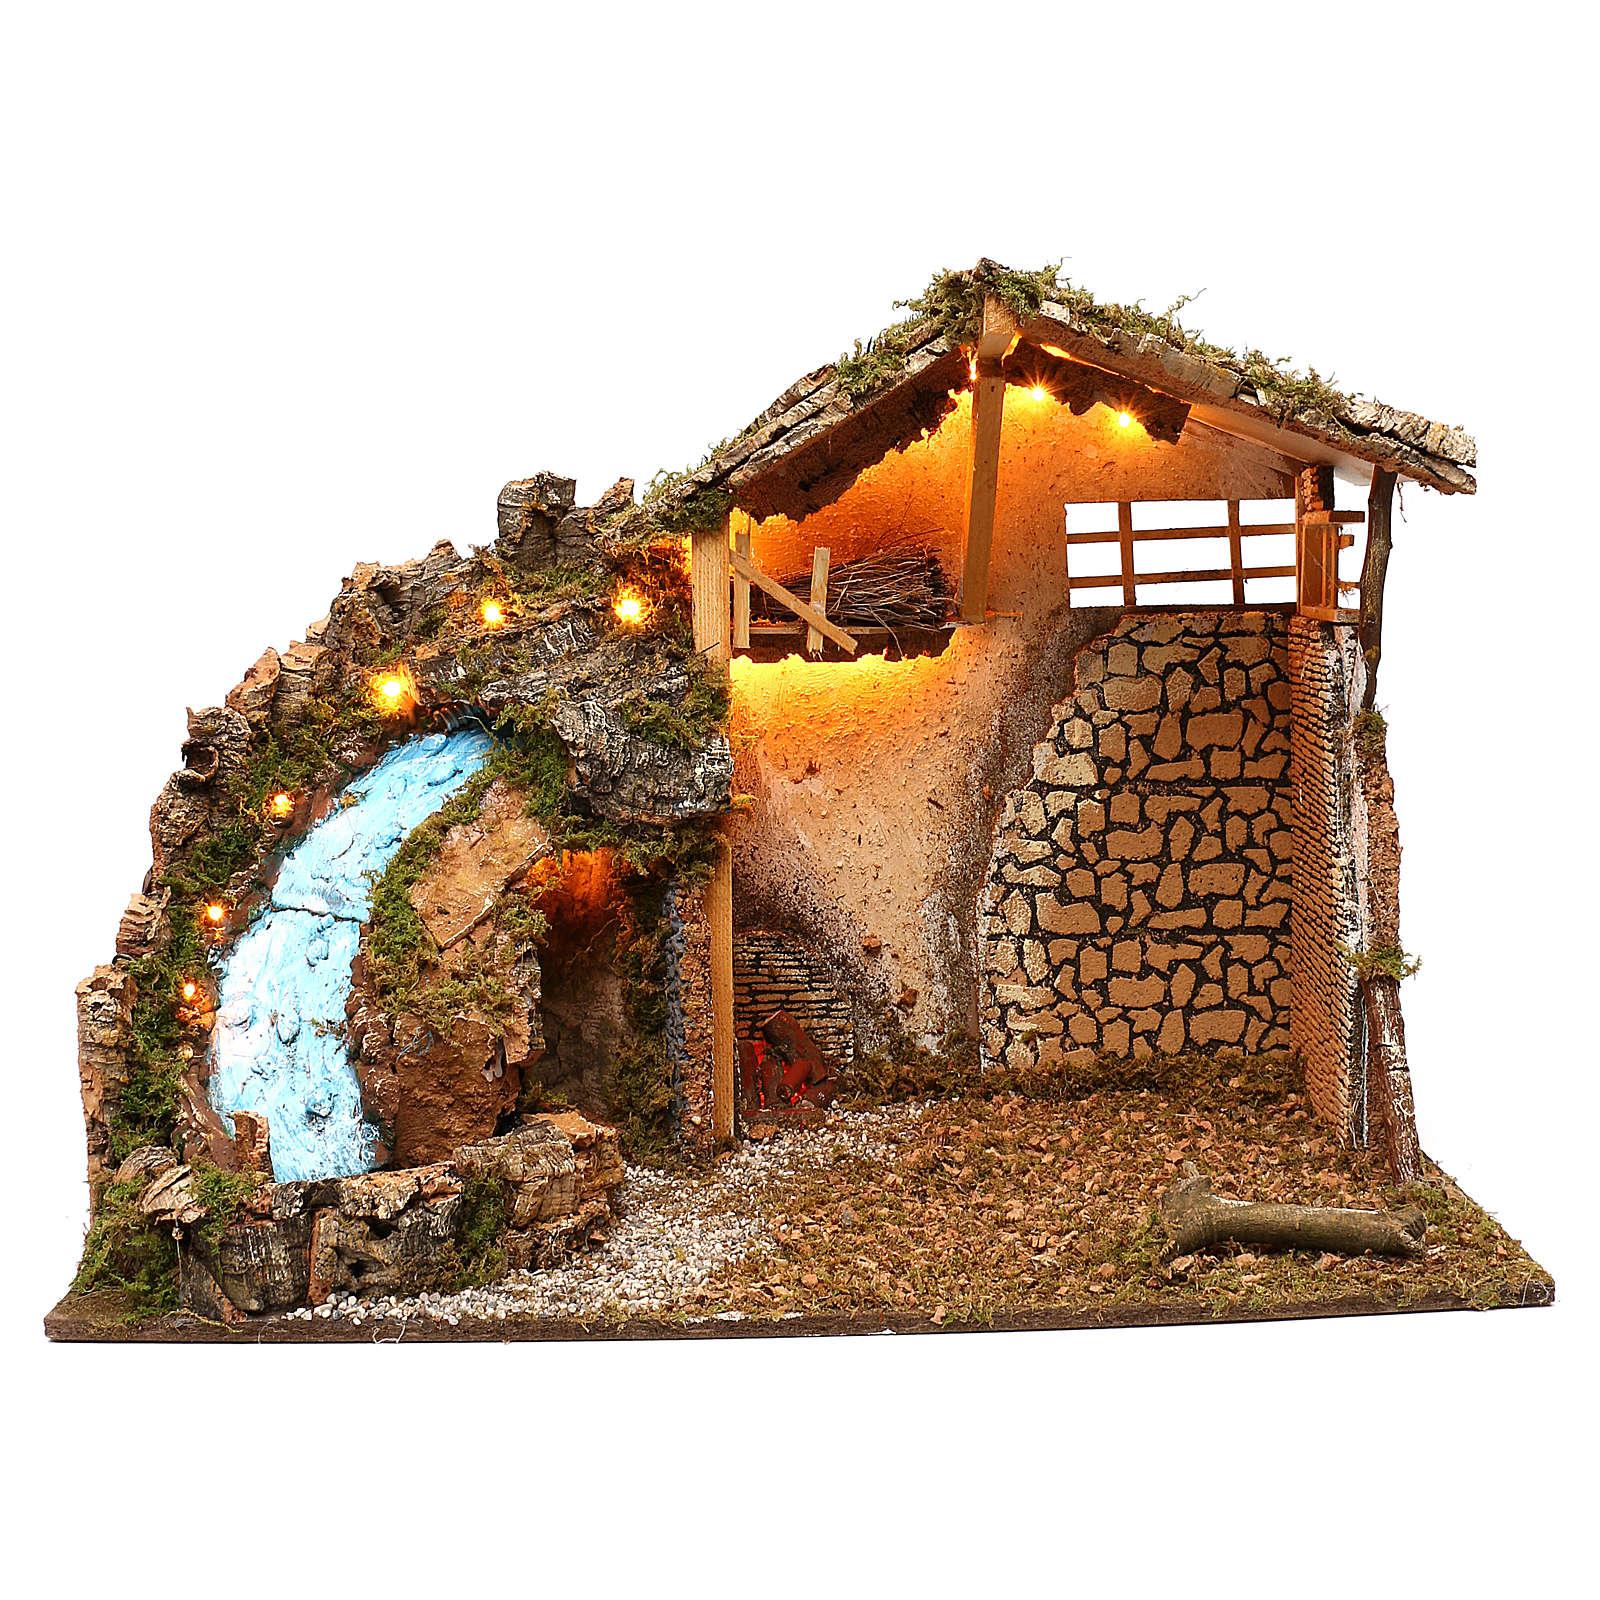 Stalla pareti muratura luci cascata pompa funzionante 40x75x50 cm presepe 10 cm 4